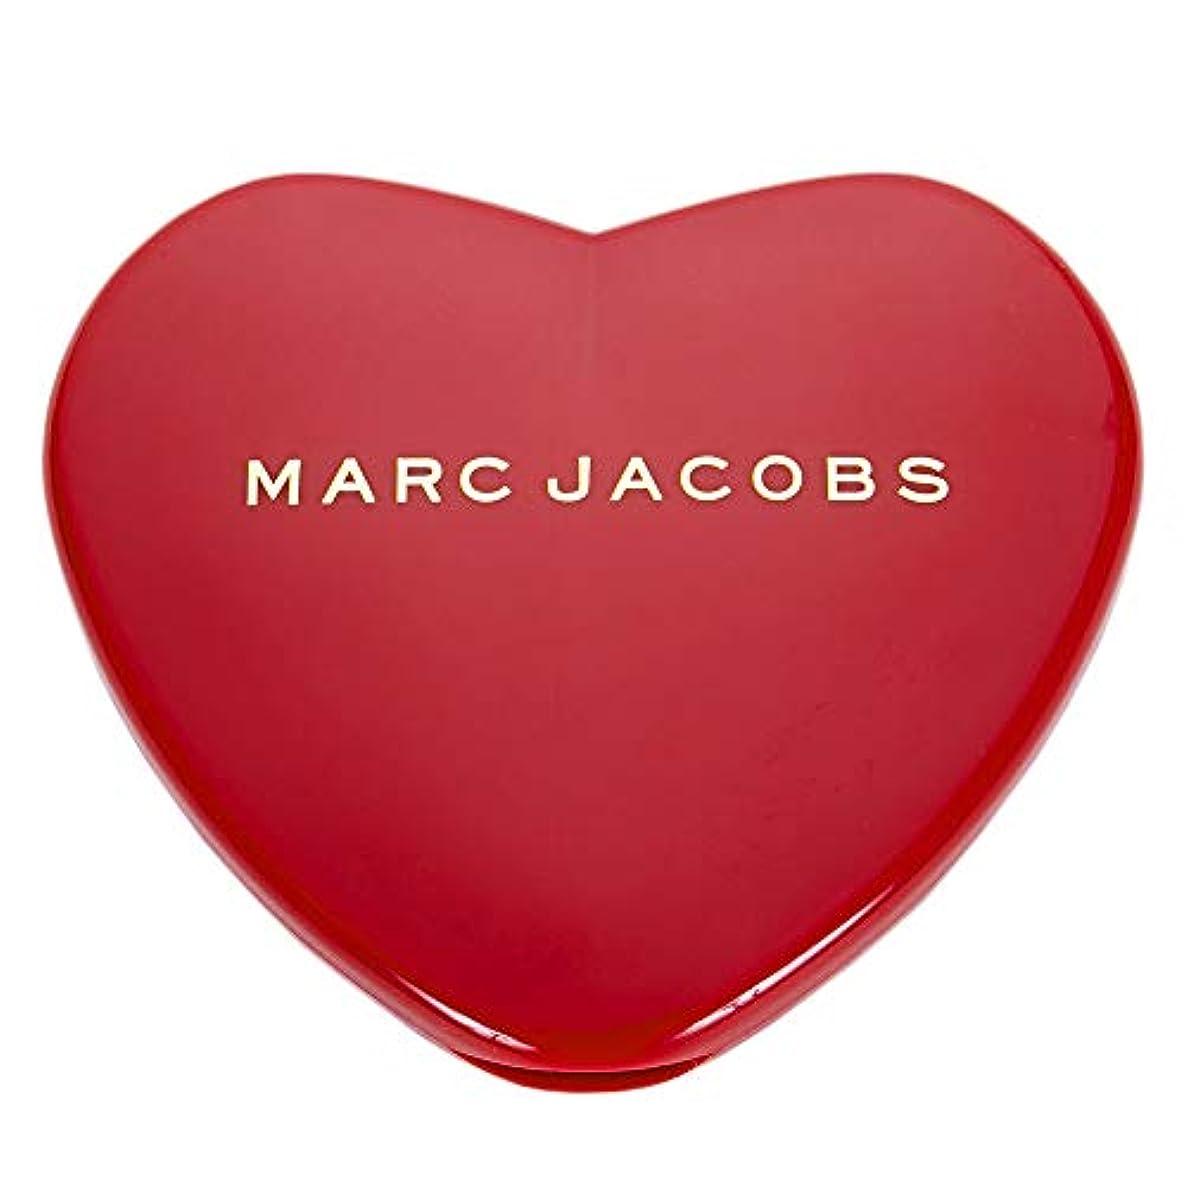 成功する神経衰弱テラス[名入れ対応可] MARC JACOBS マークジェイコブス ハート コンパクトミラー コスメ 折りたたみ (名入れなし)